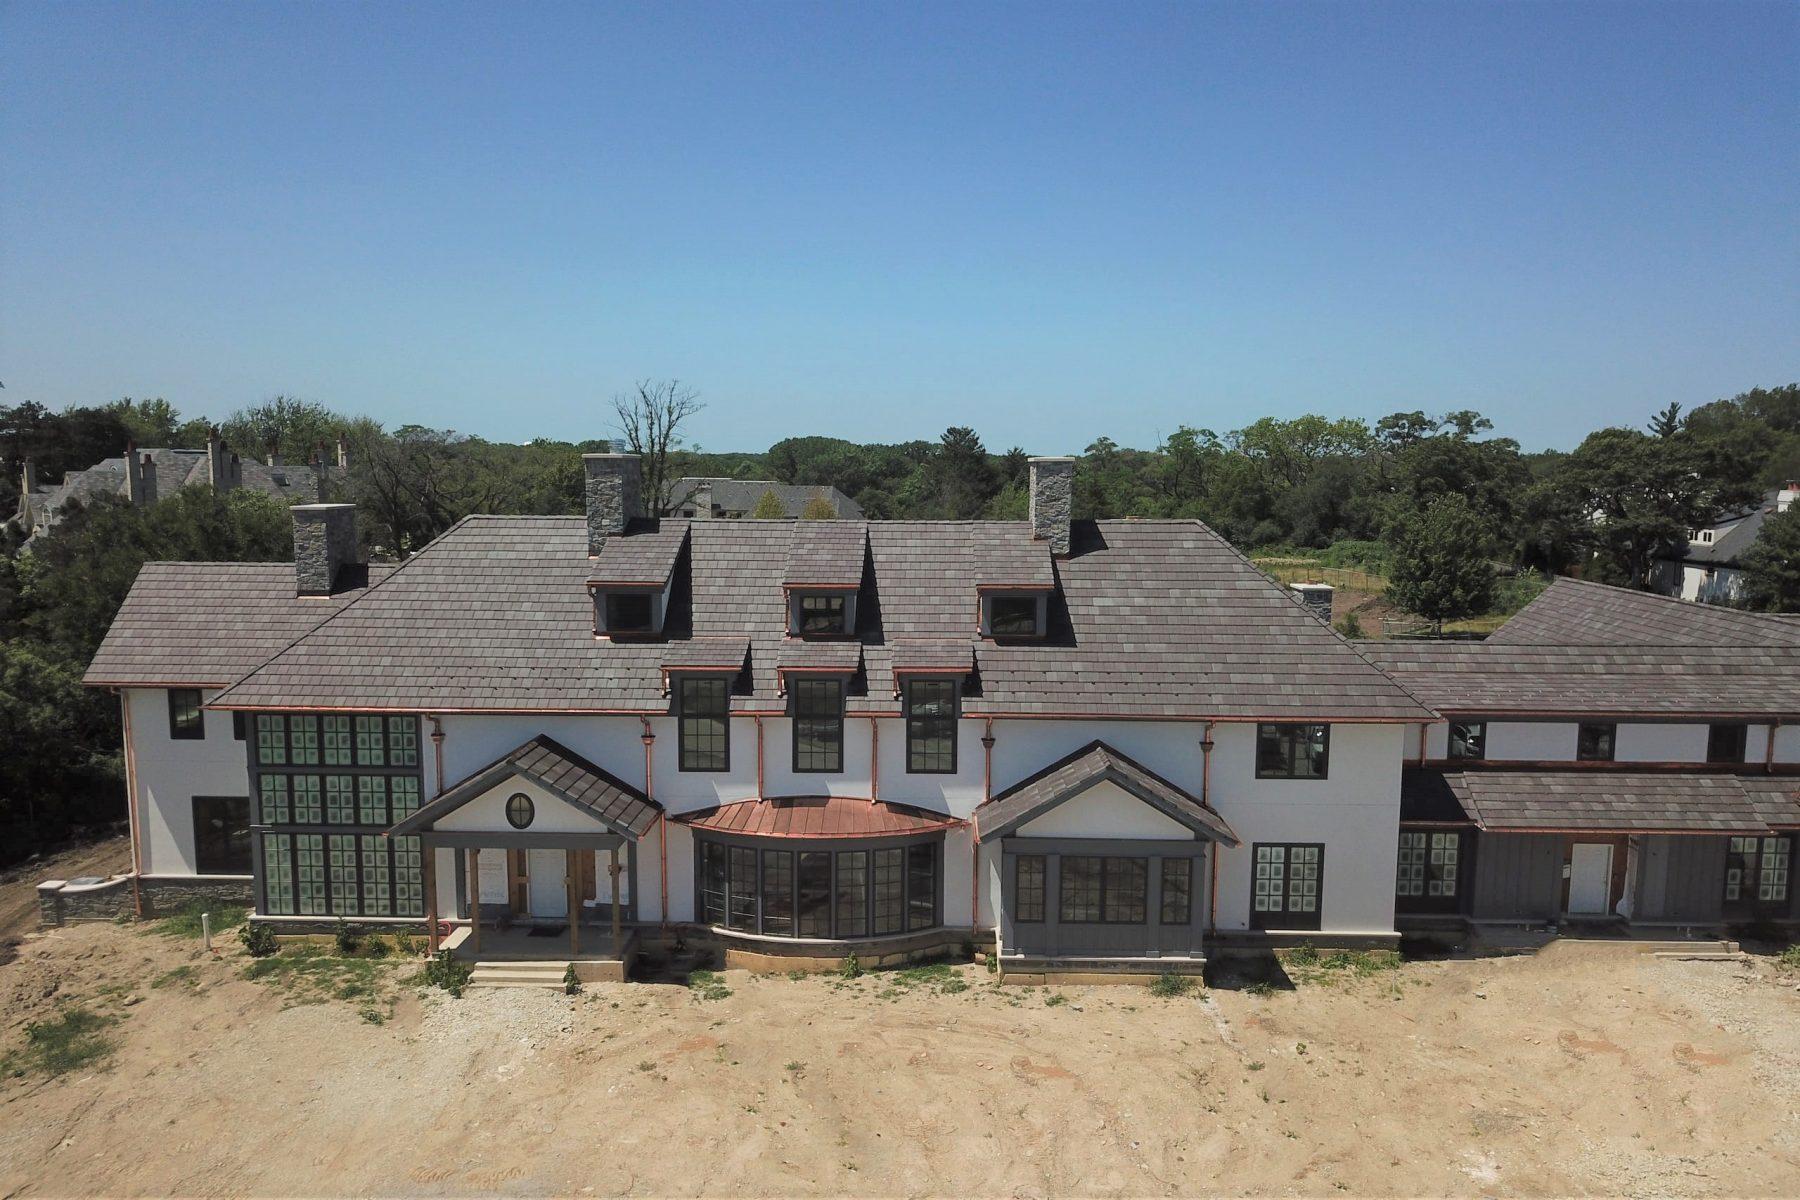 Burr Ridge tile roofing